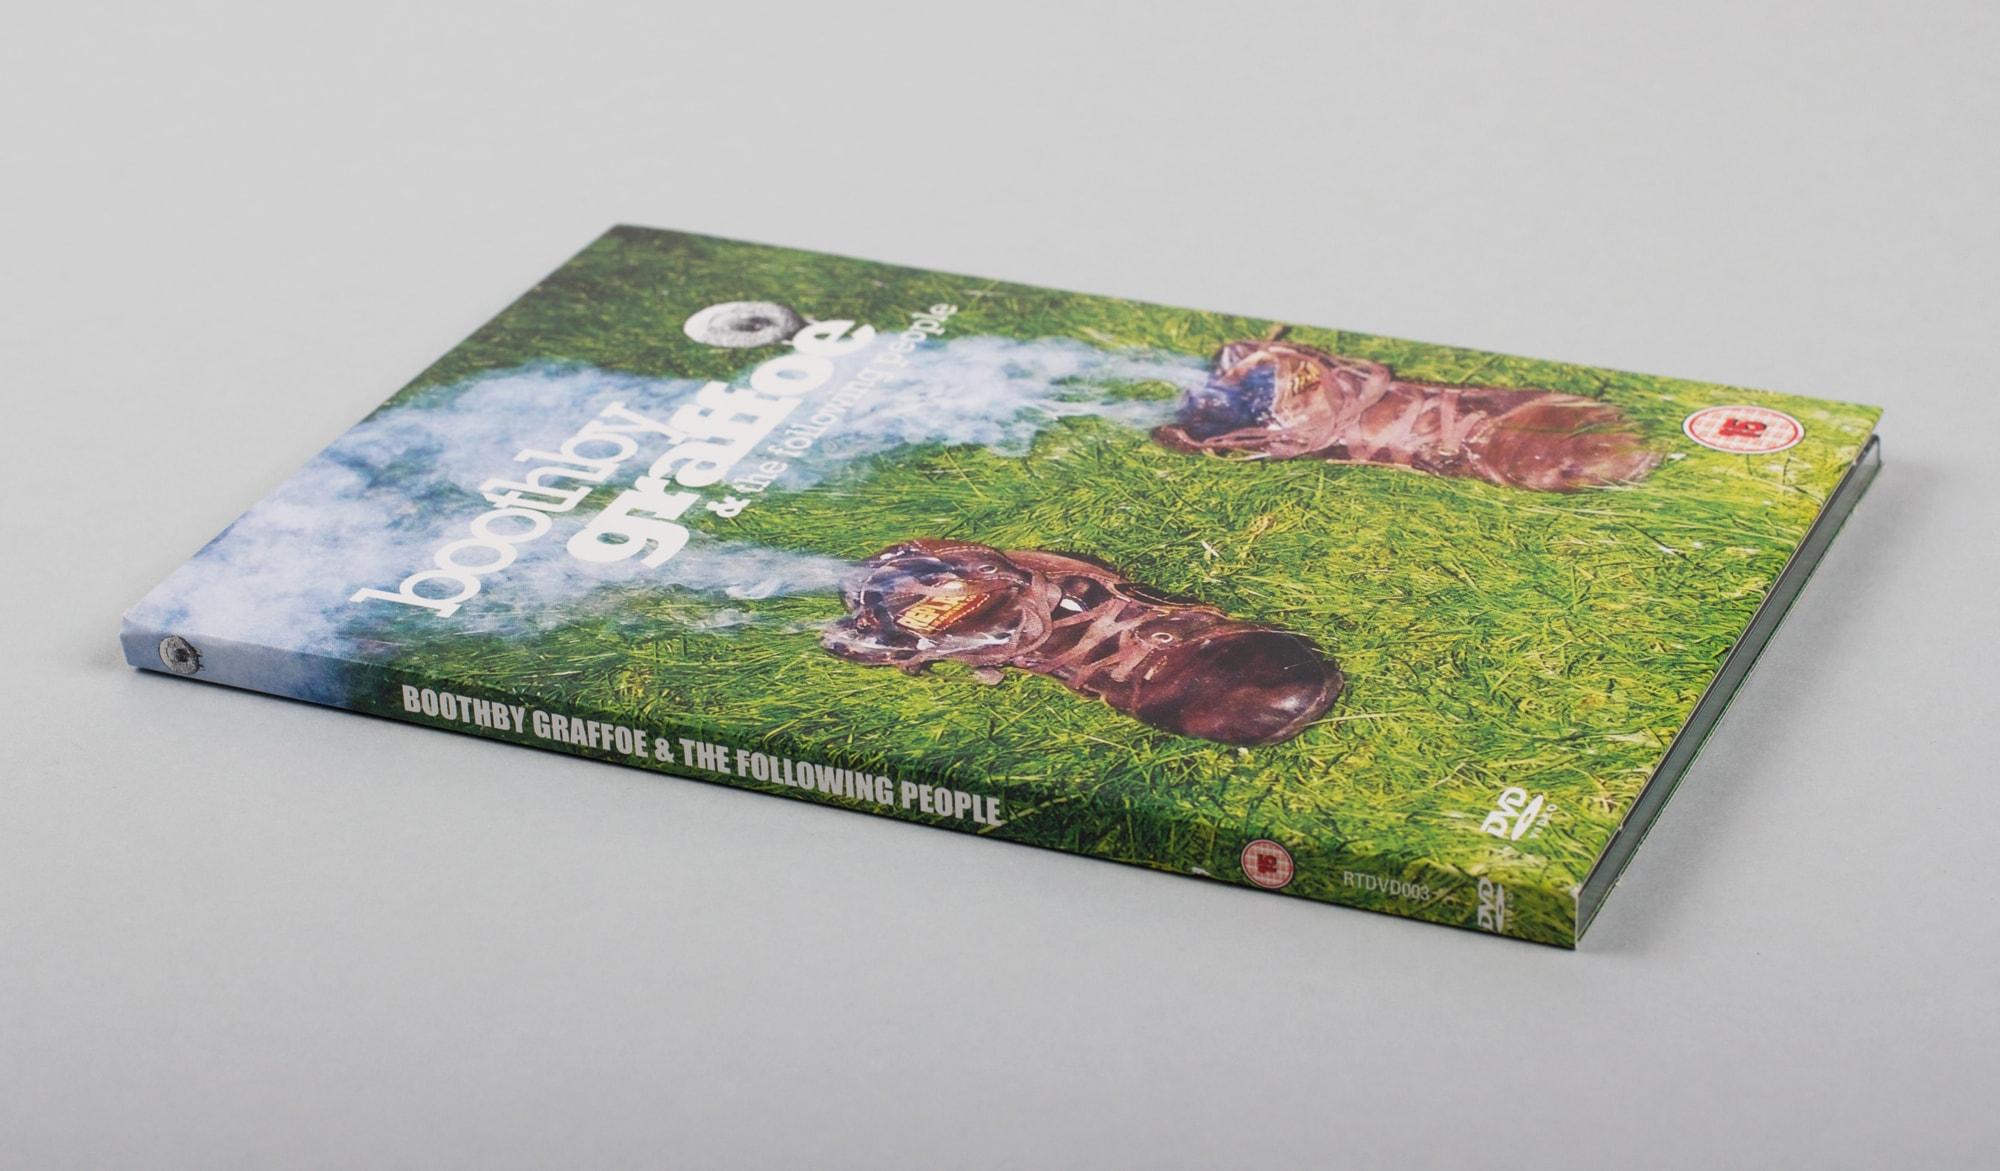 Boothby Graffoe - DVD